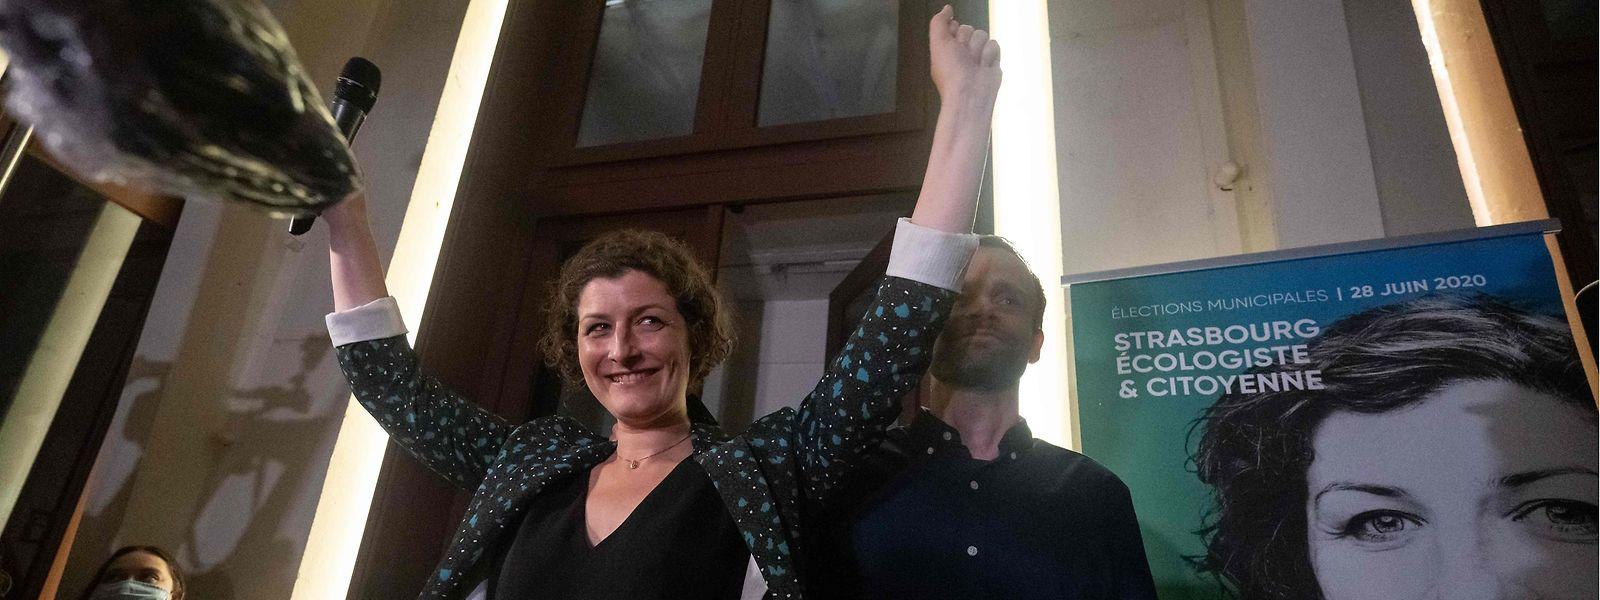 A Strasbourg, la candidate d'Europe Écologie les Verts Jeanne Barseghian a célébré sa victoire avec ses électeurs